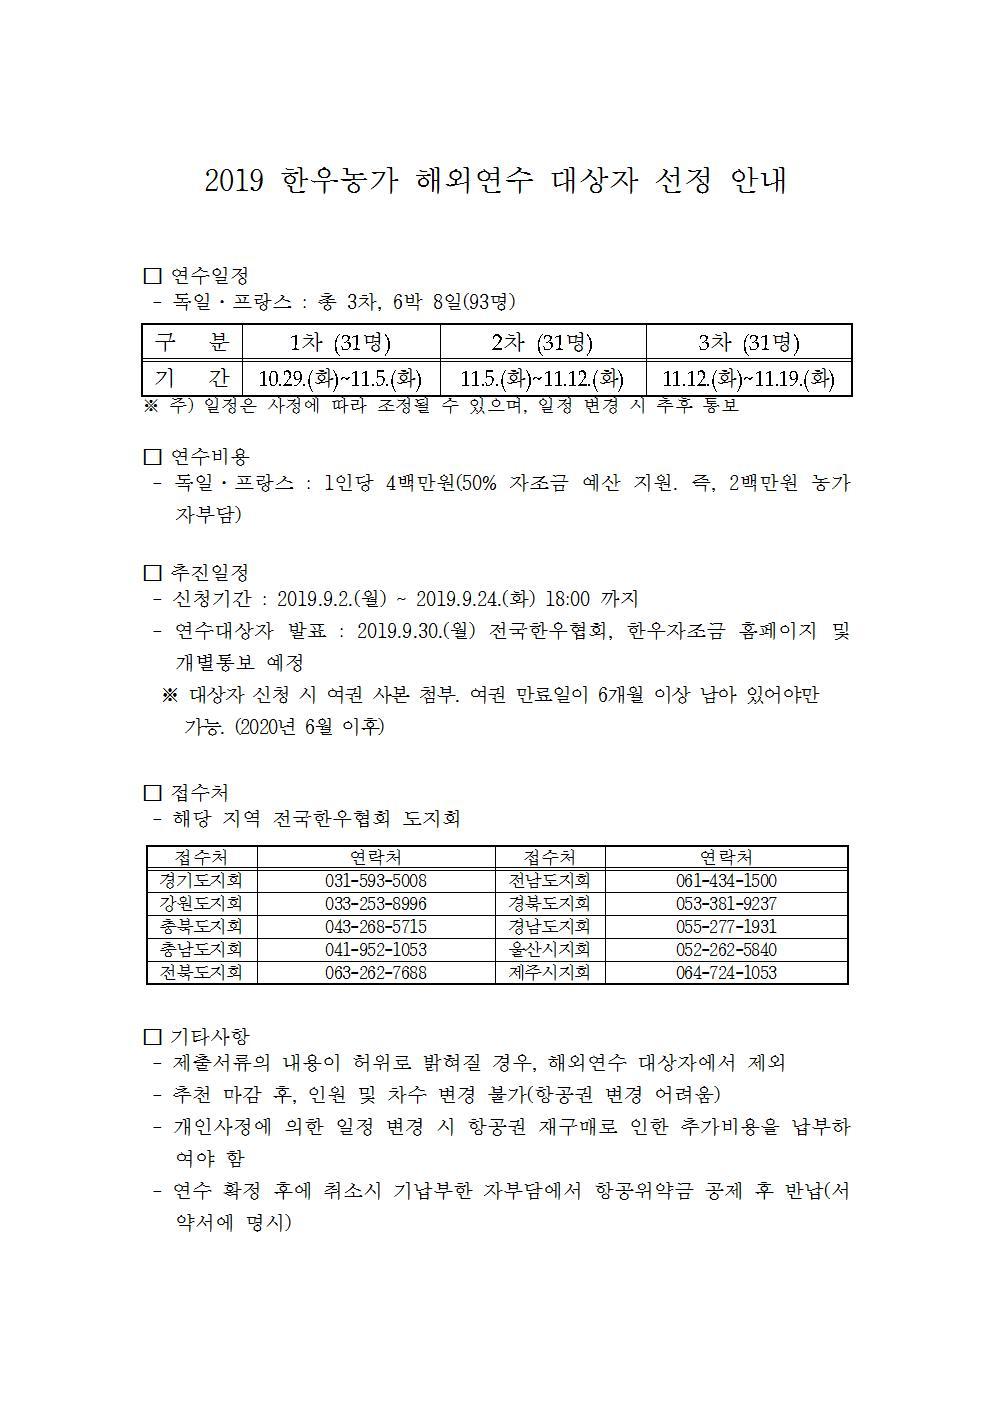 2019년 한우농가 해외연수 대상자 선정 안내.jpg